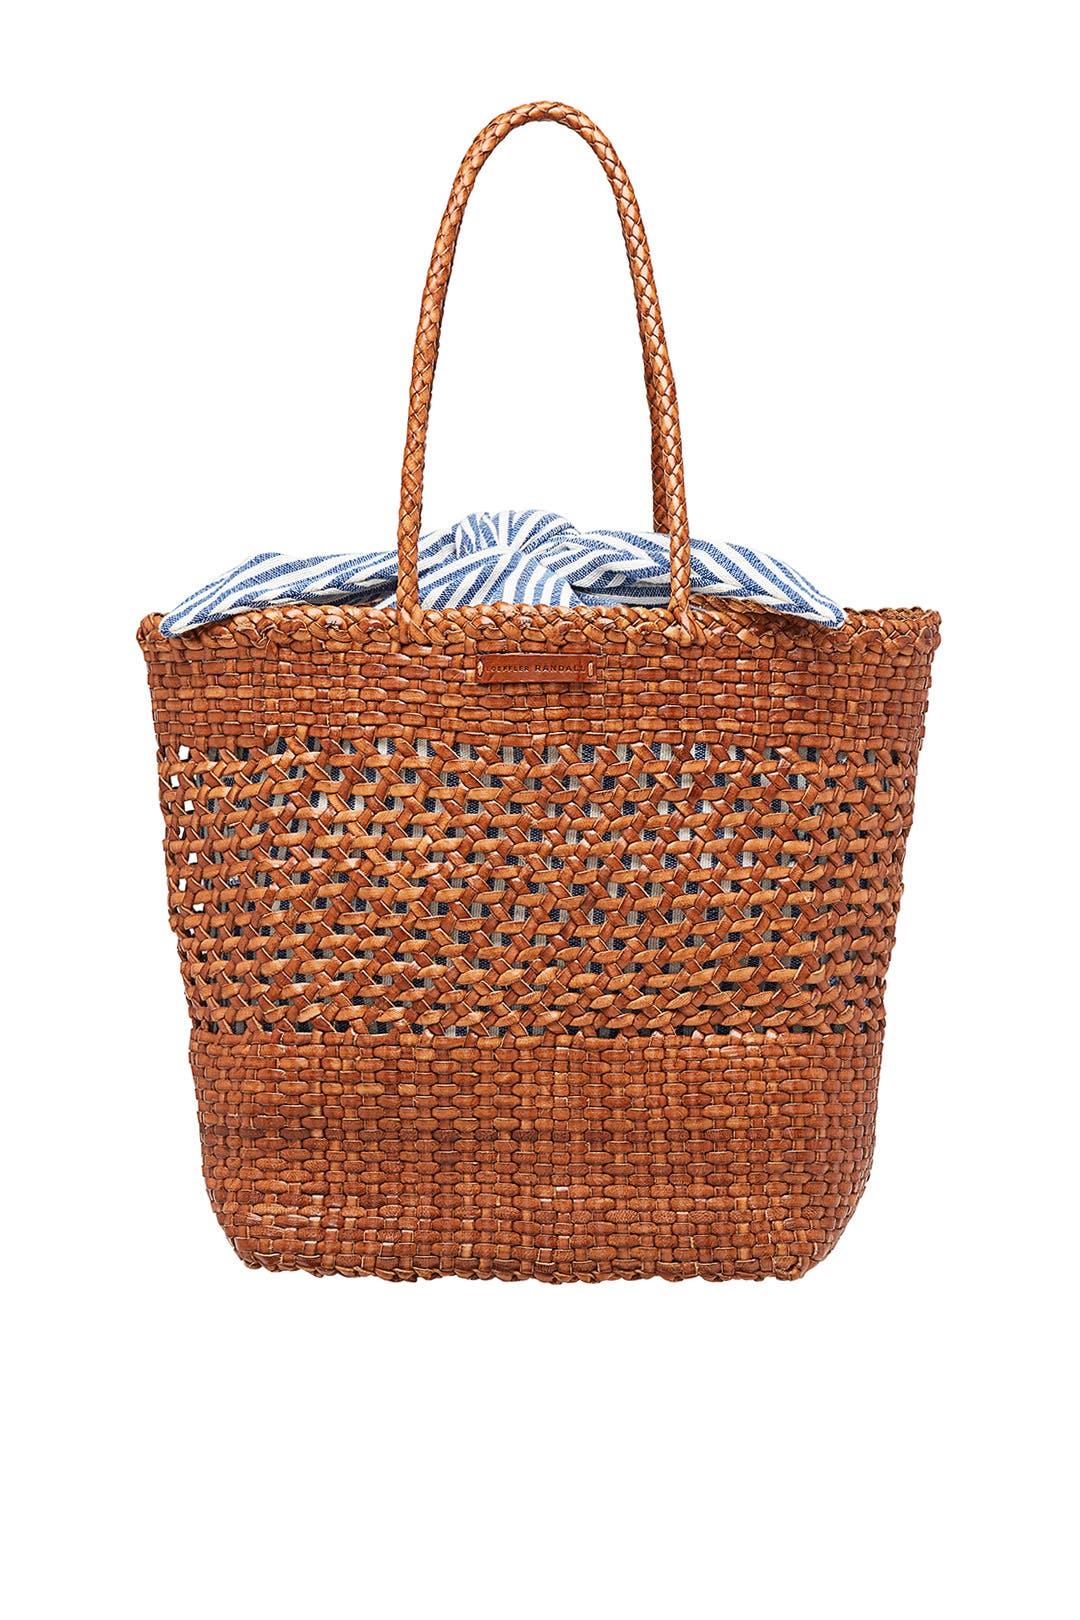 d055091fe7e3 Loeffler Randall. Read Reviews. Maya Woven Shopper Tote